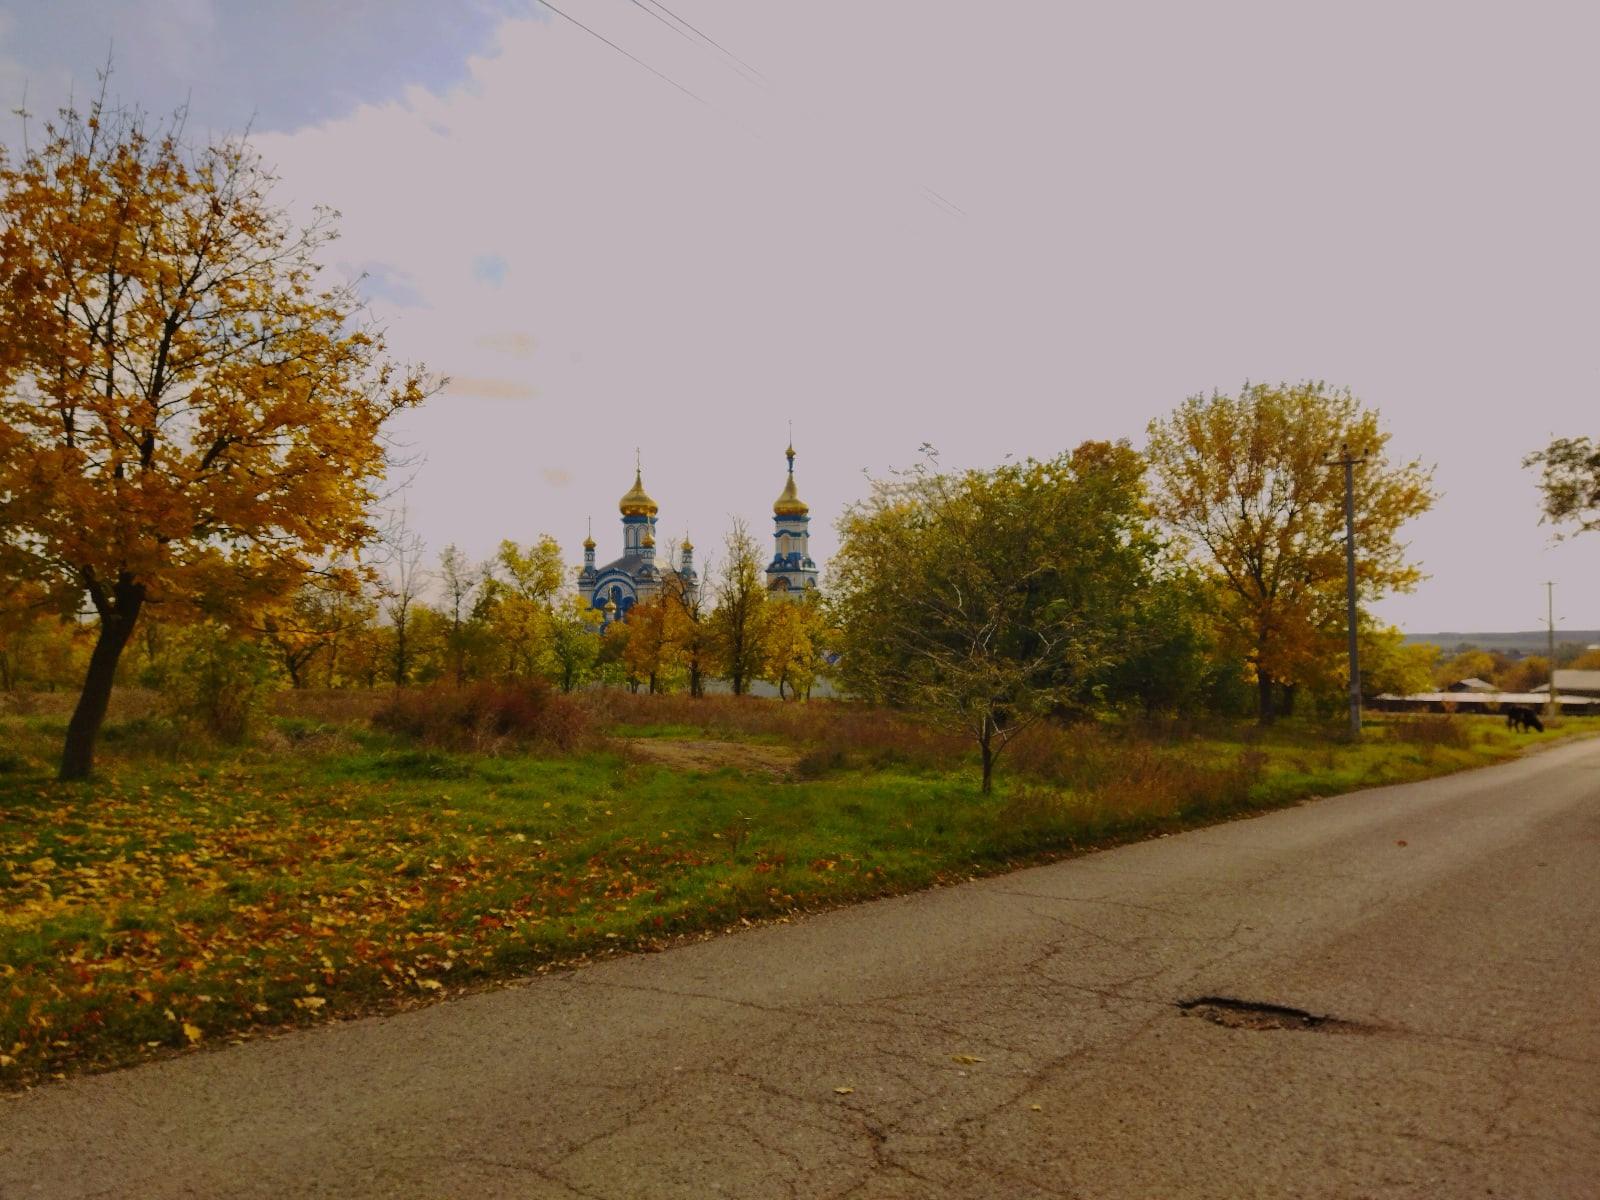 Село Кугульта, Ставропольский край🤍